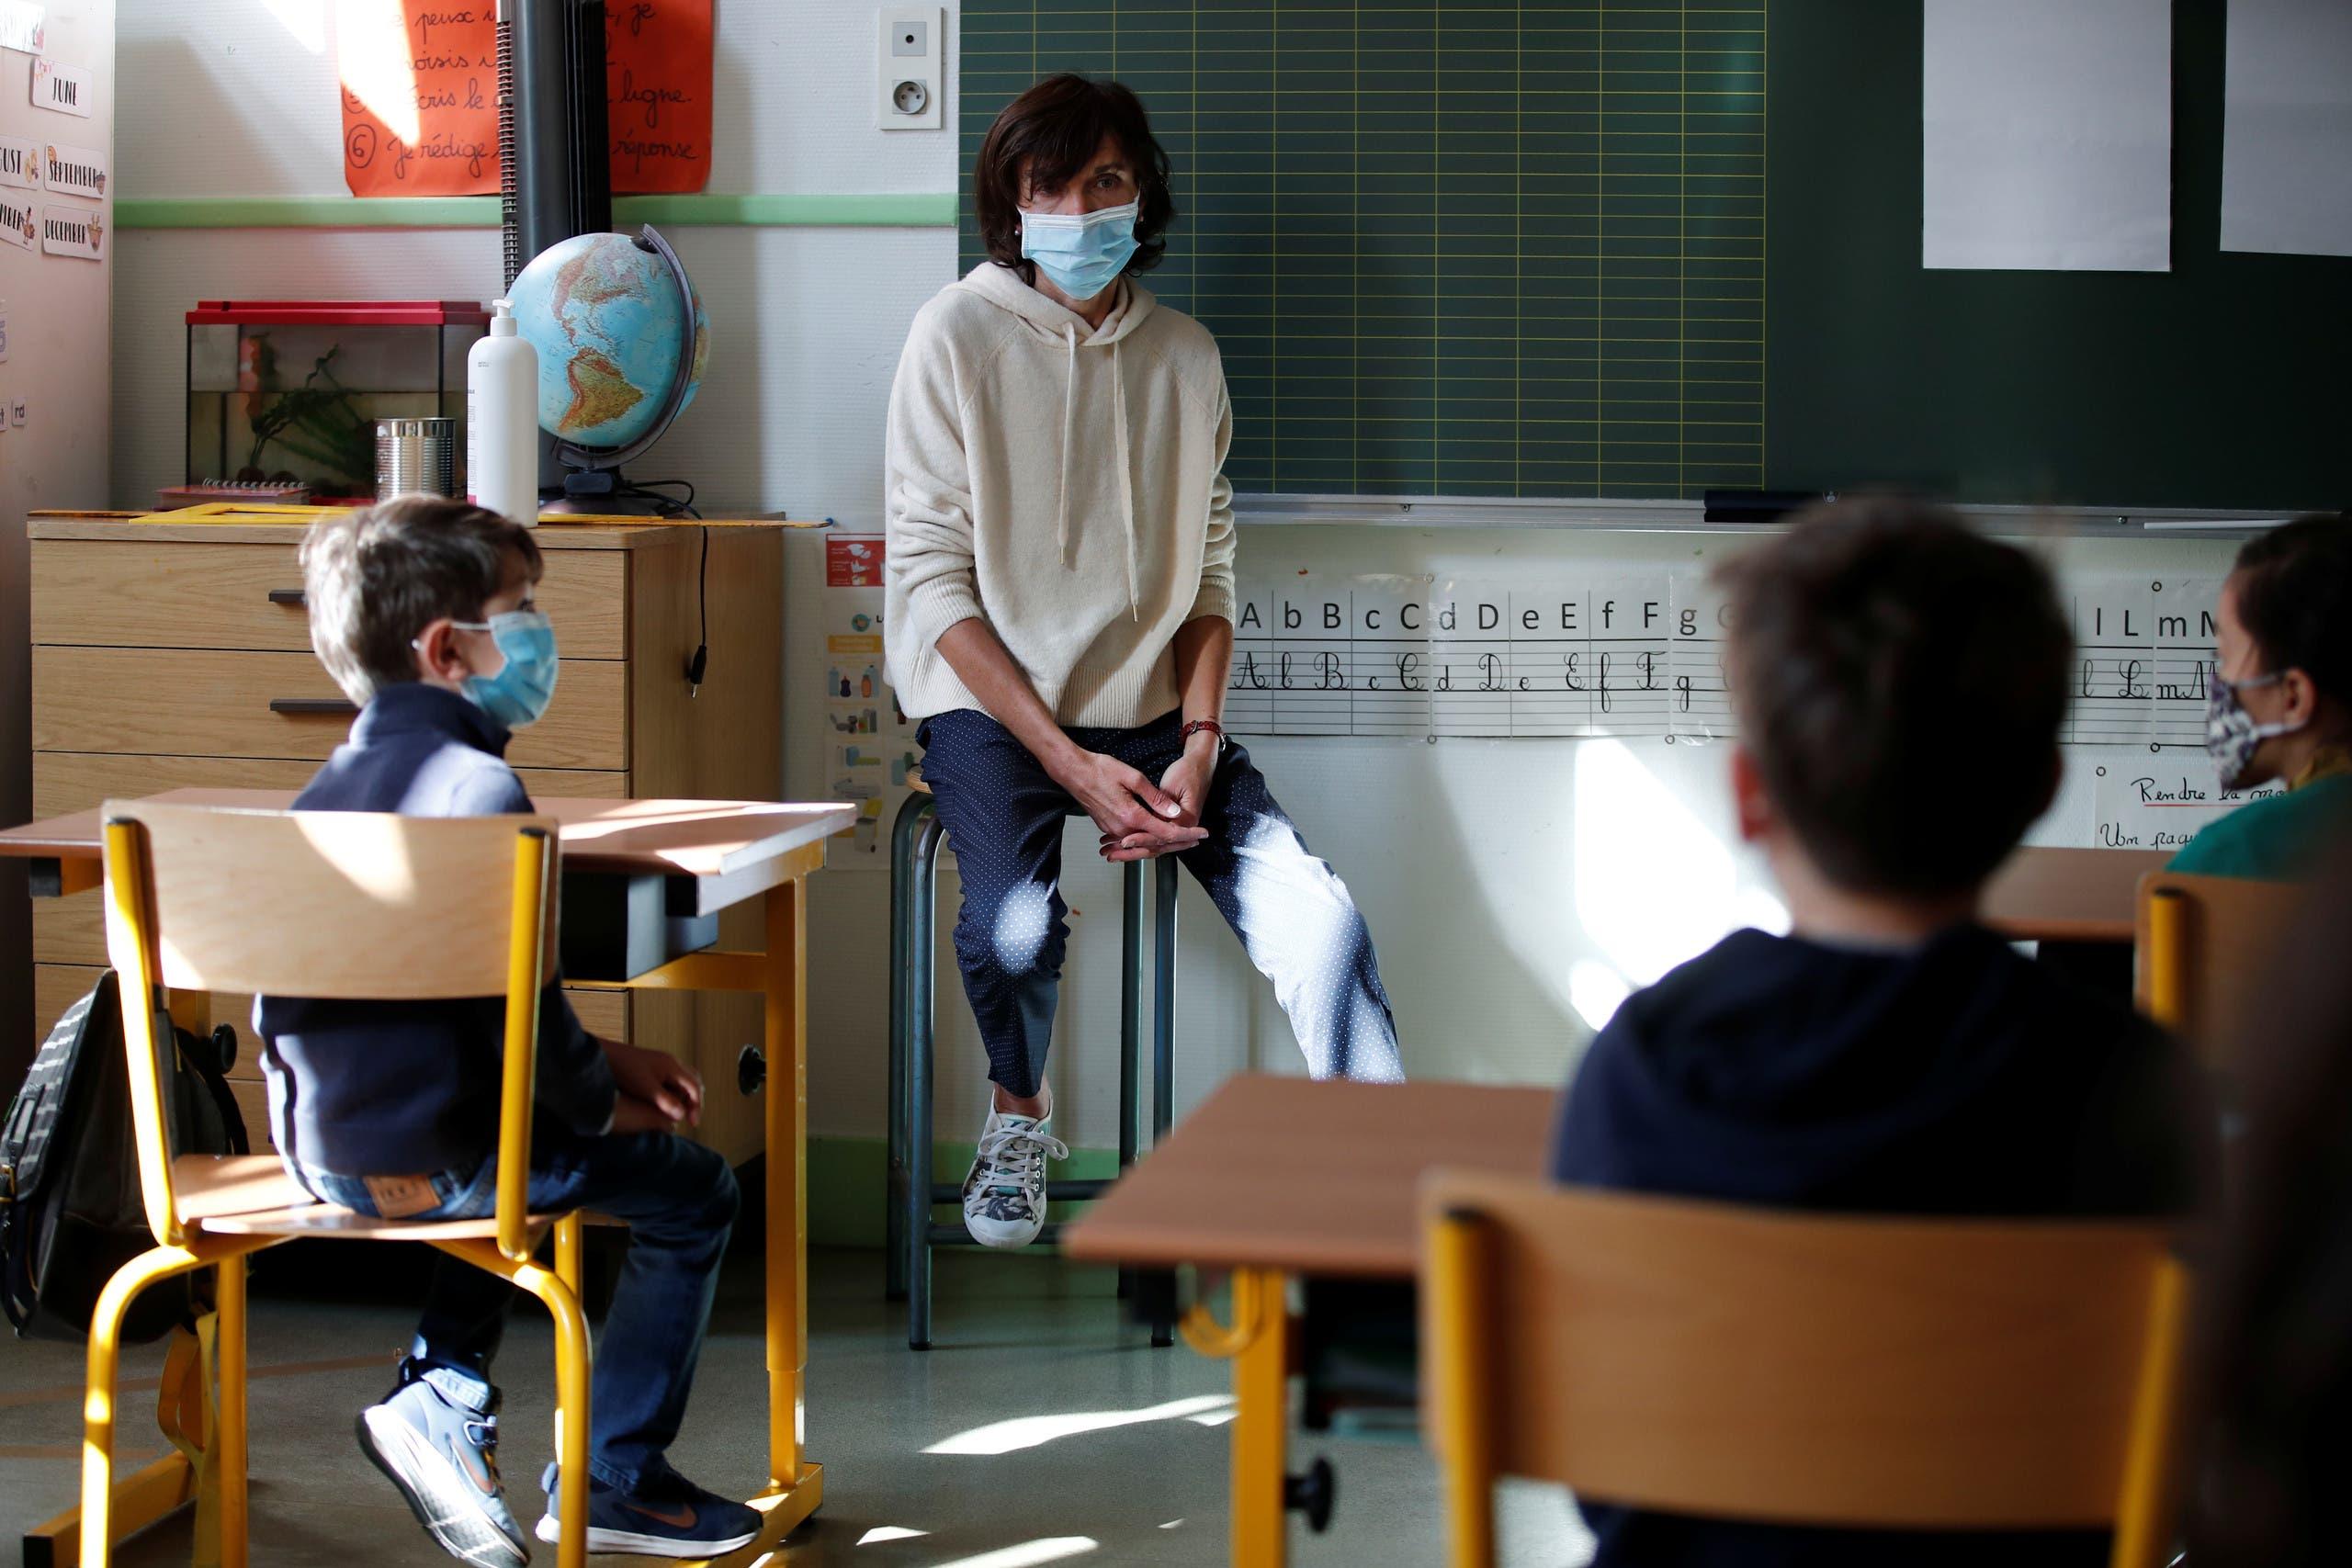 من مدرسة ابتدائية في باريس يوم 14 مايو